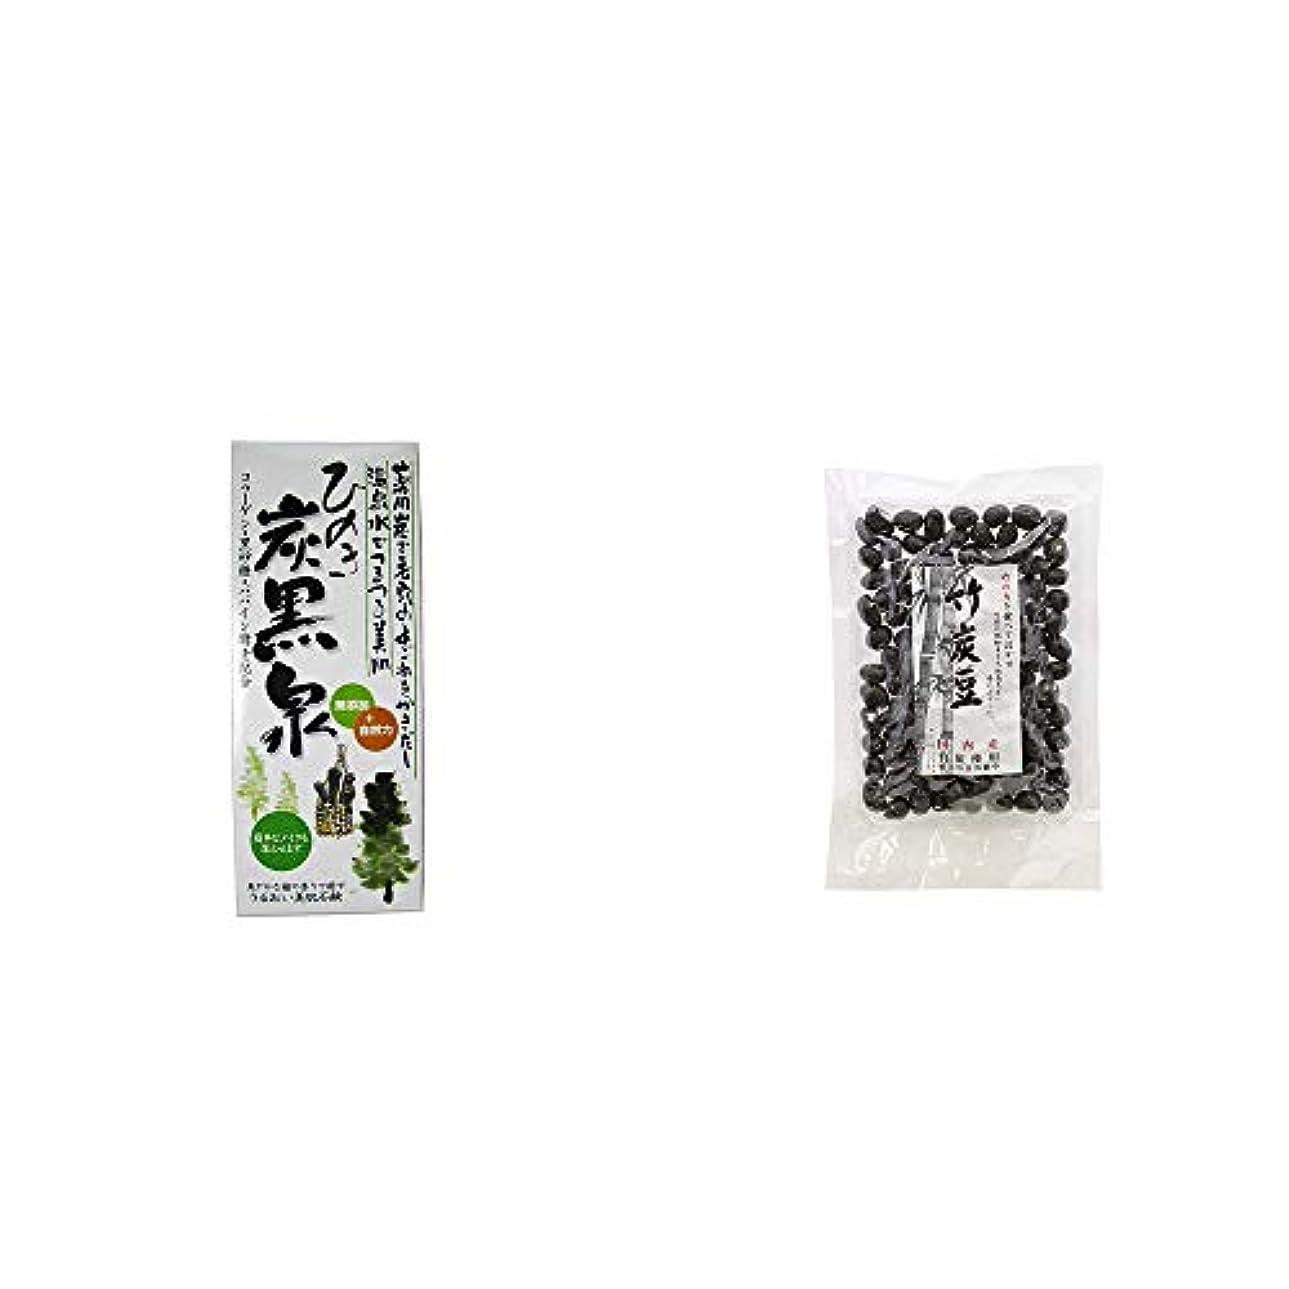 ジョガー外観今[2点セット] ひのき炭黒泉 箱入り(75g×3)?国内産 竹炭使用 竹炭豆(160g)